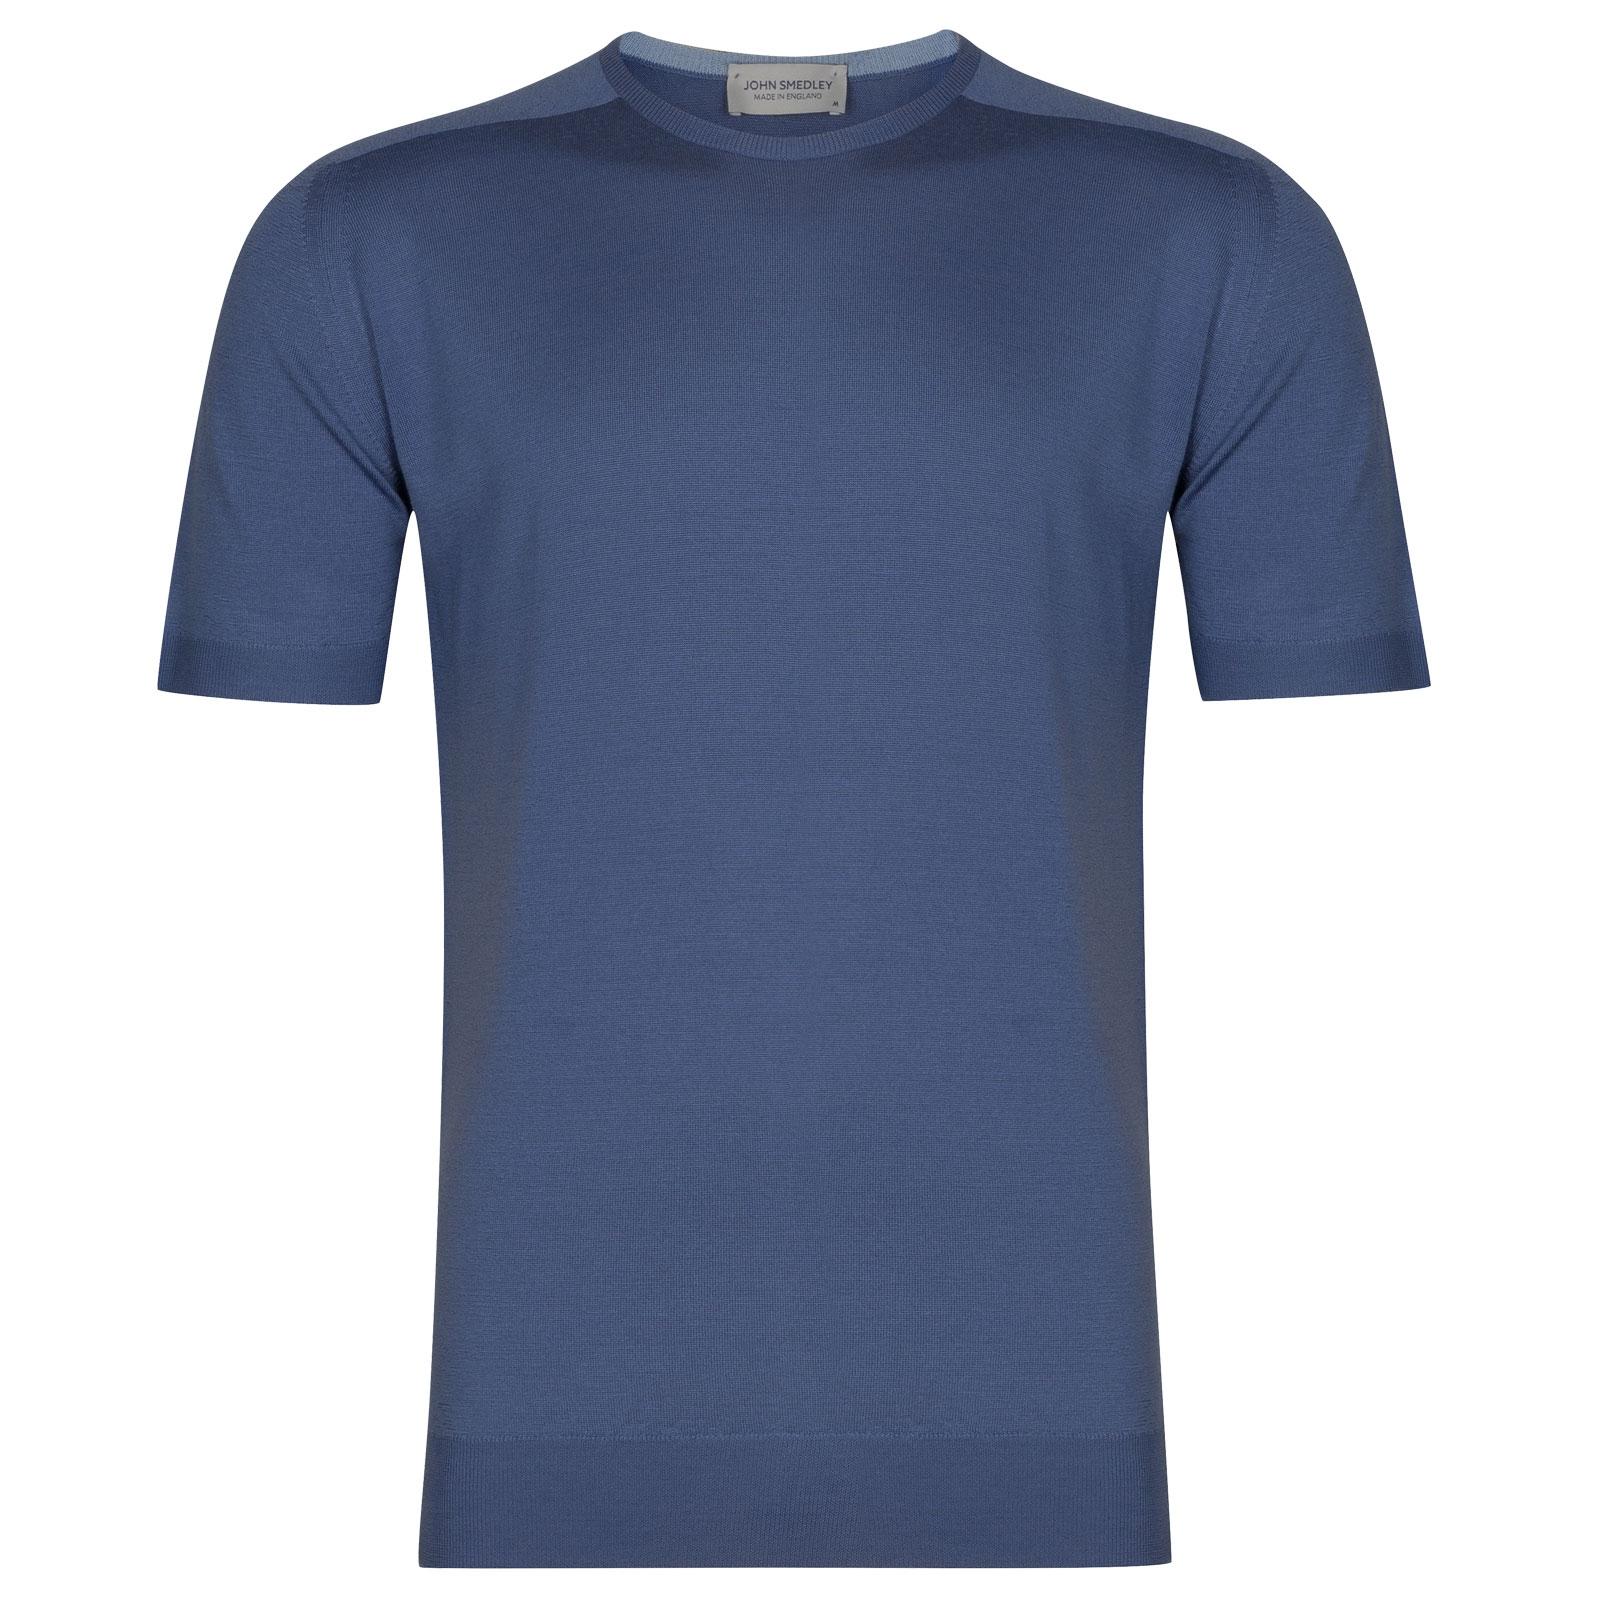 John Smedley Maro in Blue Iris T-Shirt-MED